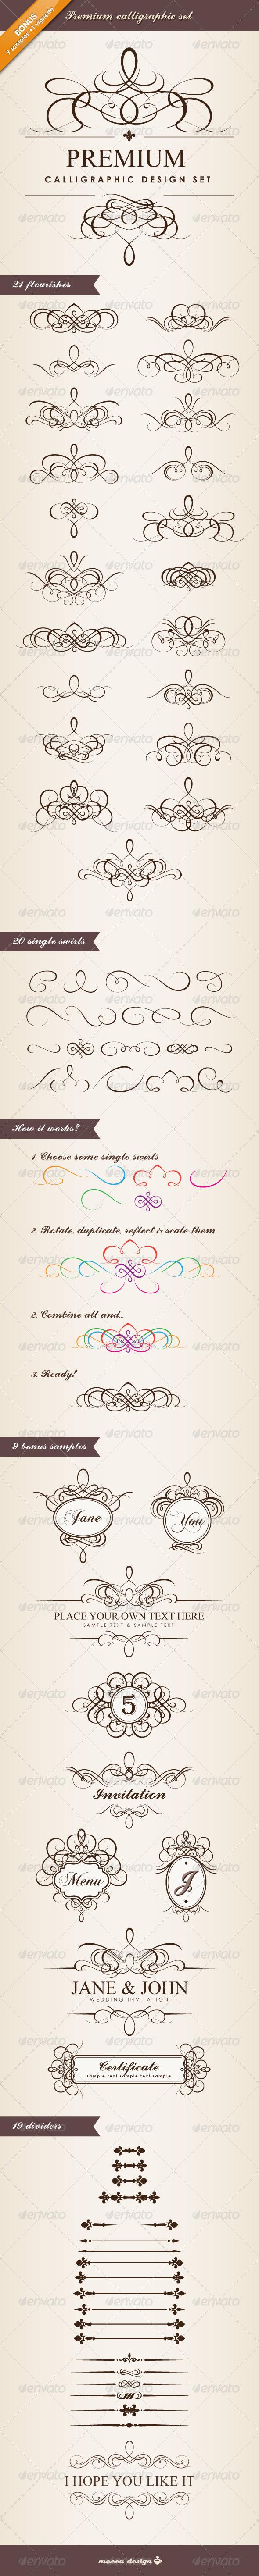 GraphicRiver Premium Calligraphic Design Set 1585547